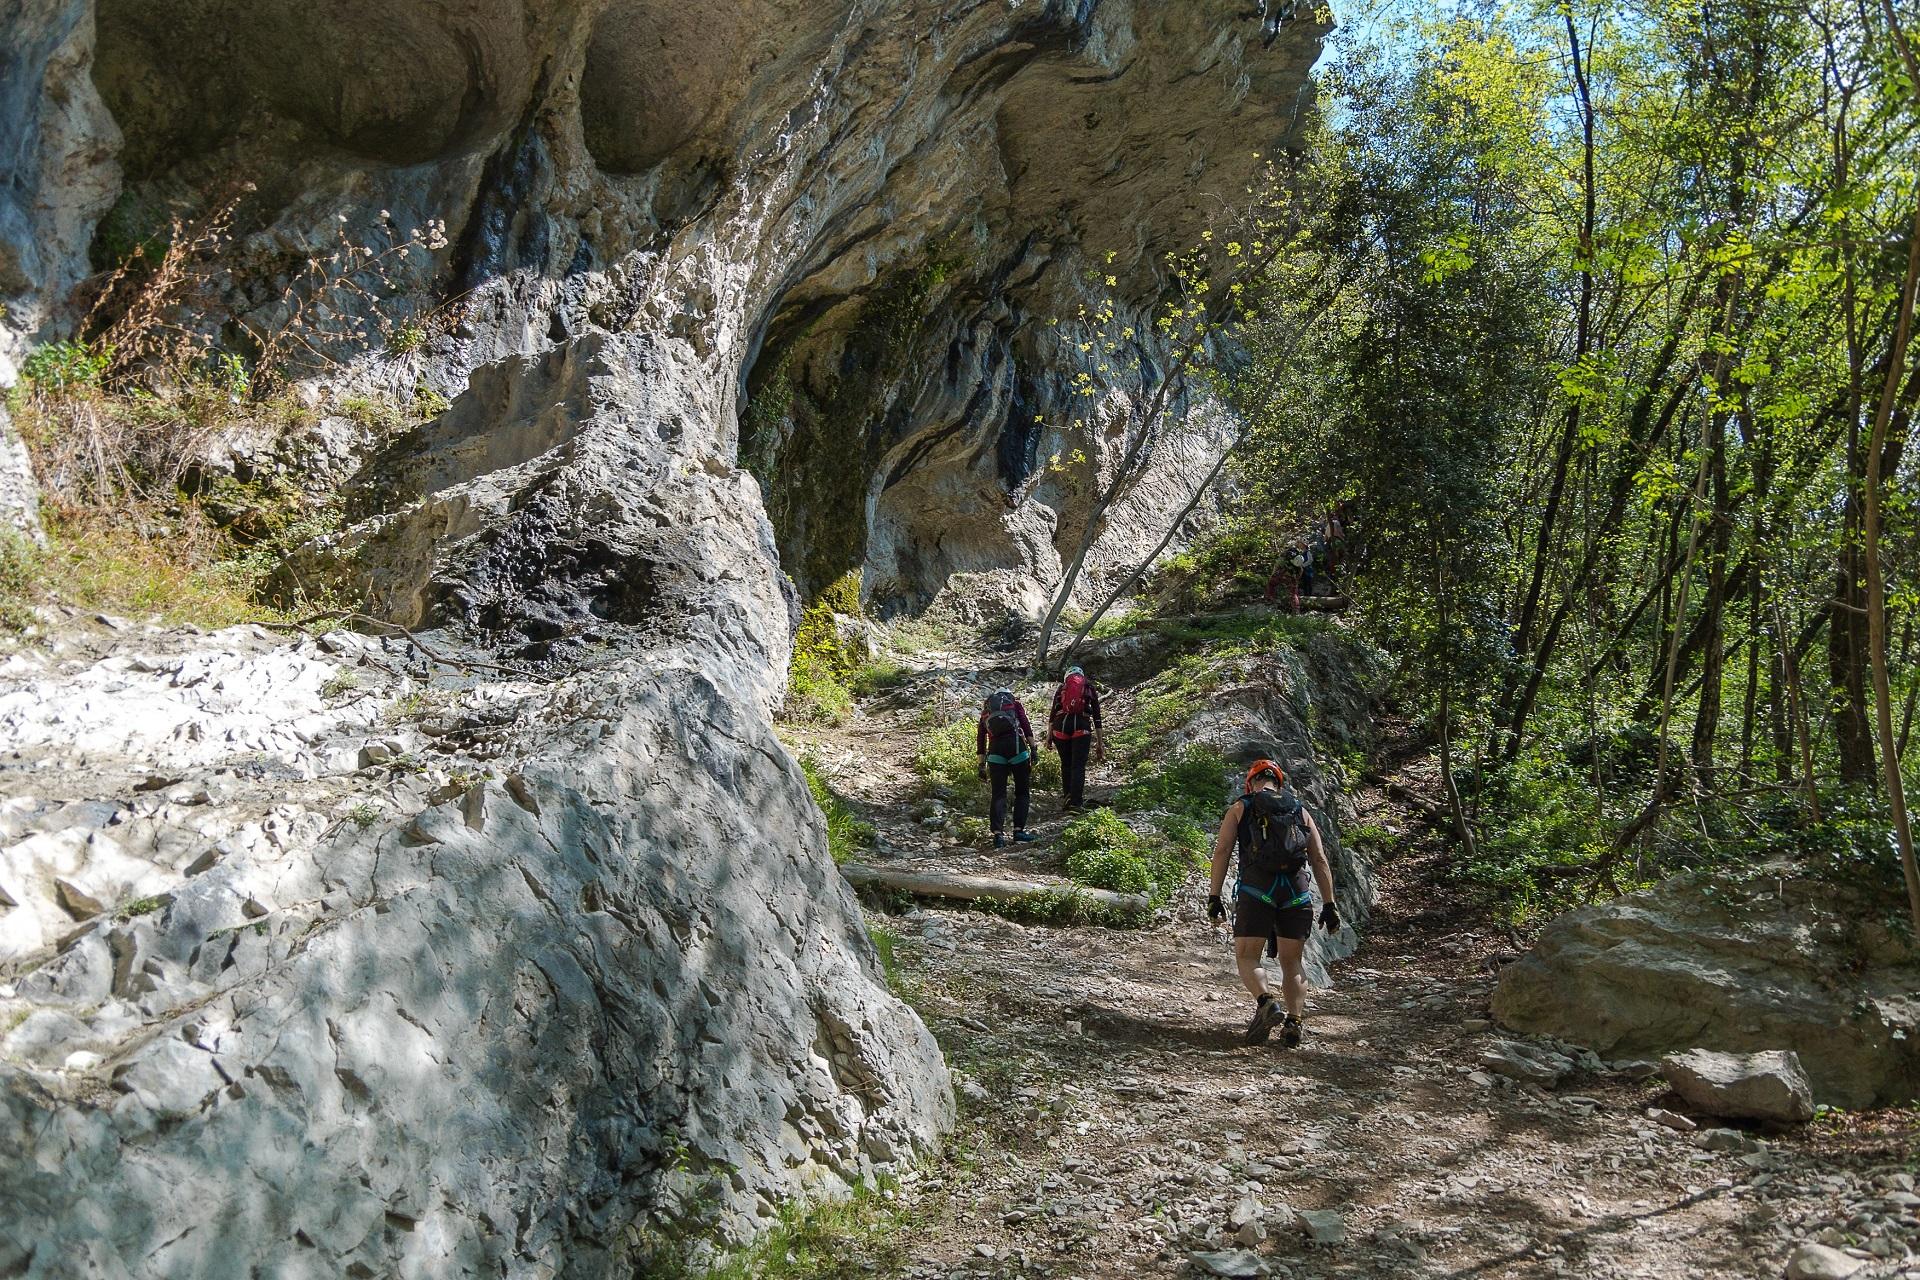 Wyjście w stronę zamku, po drugim odcinku via ferraty Rio Salagoni